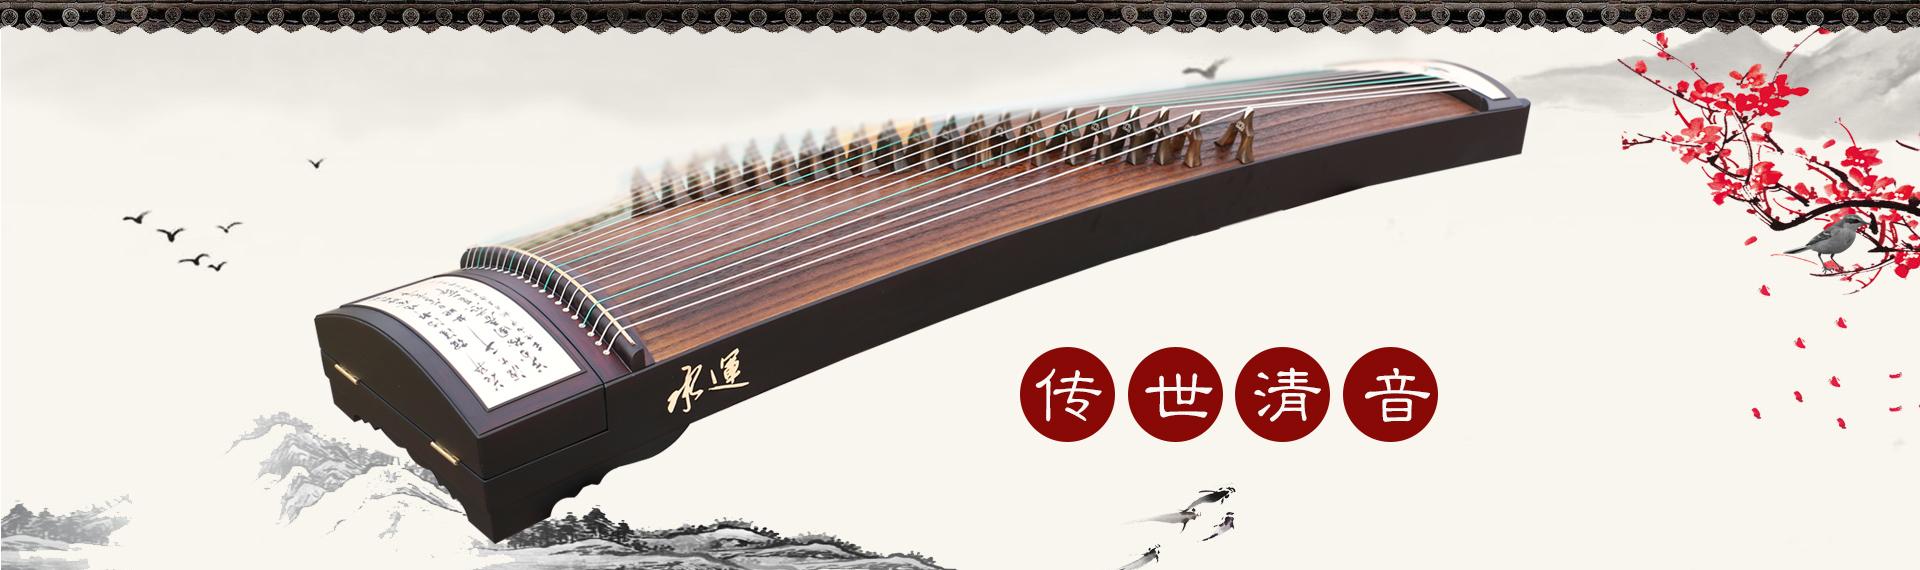 河南千赢国际客户端下载乐器有限公司